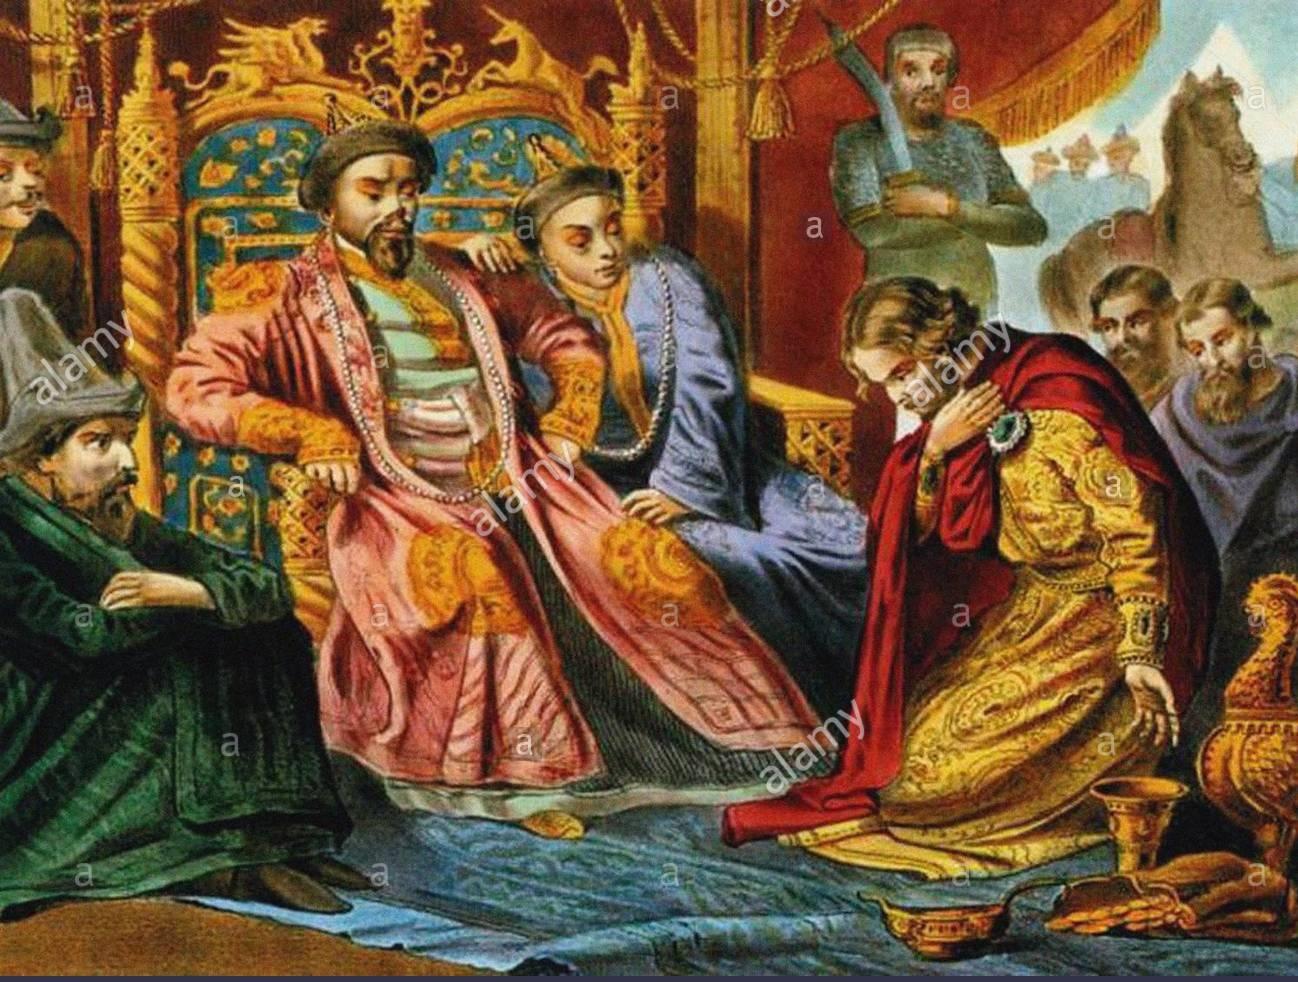 মোঙ্গল বীর বাটু খান